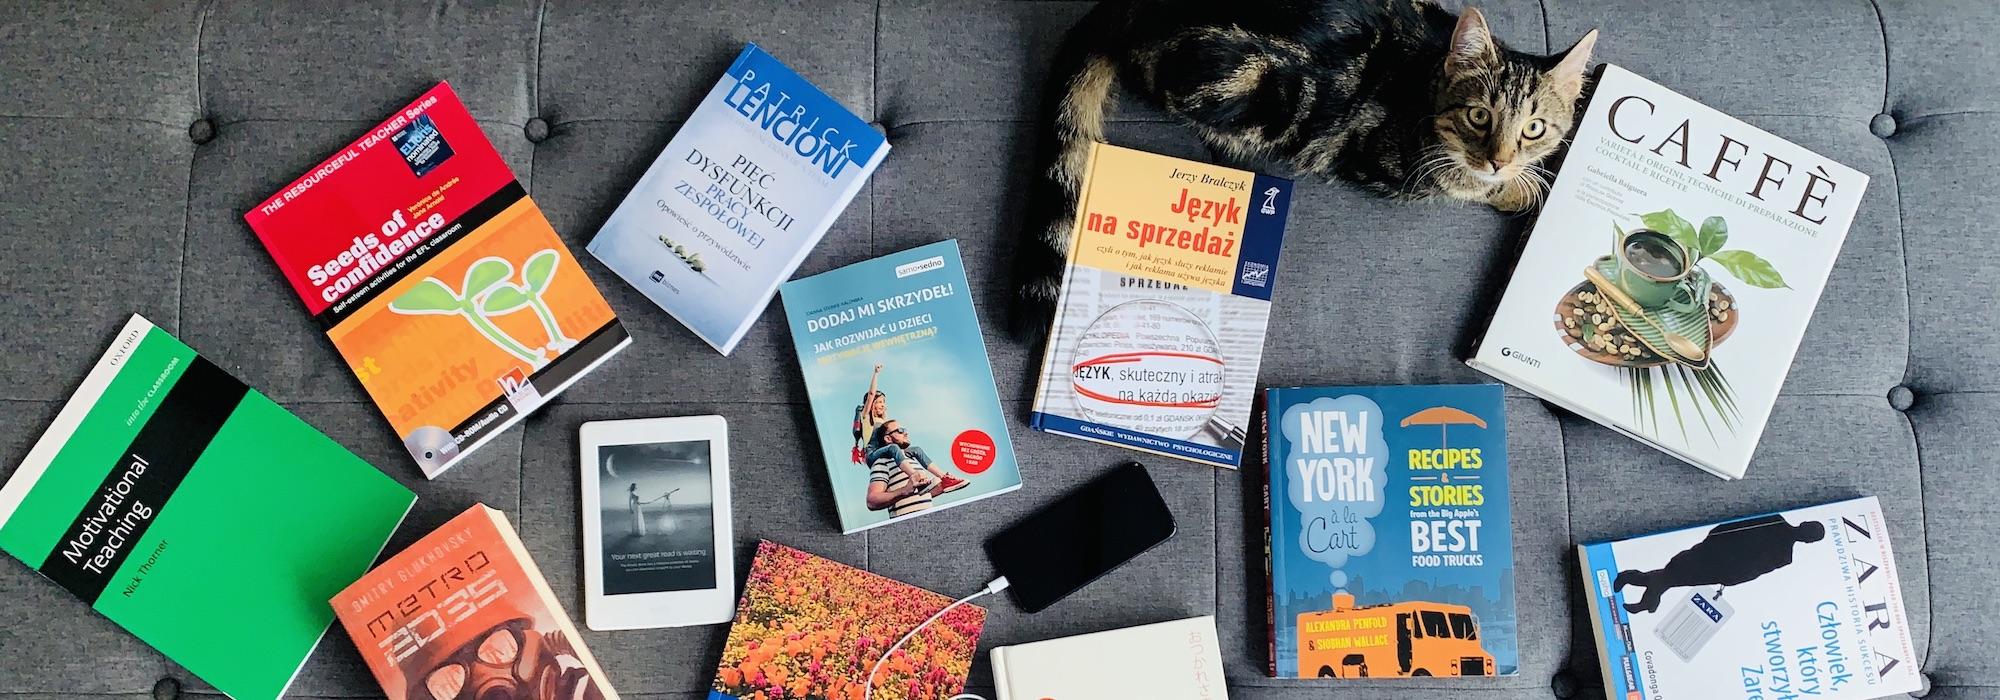 nauczycielska półka z książkami